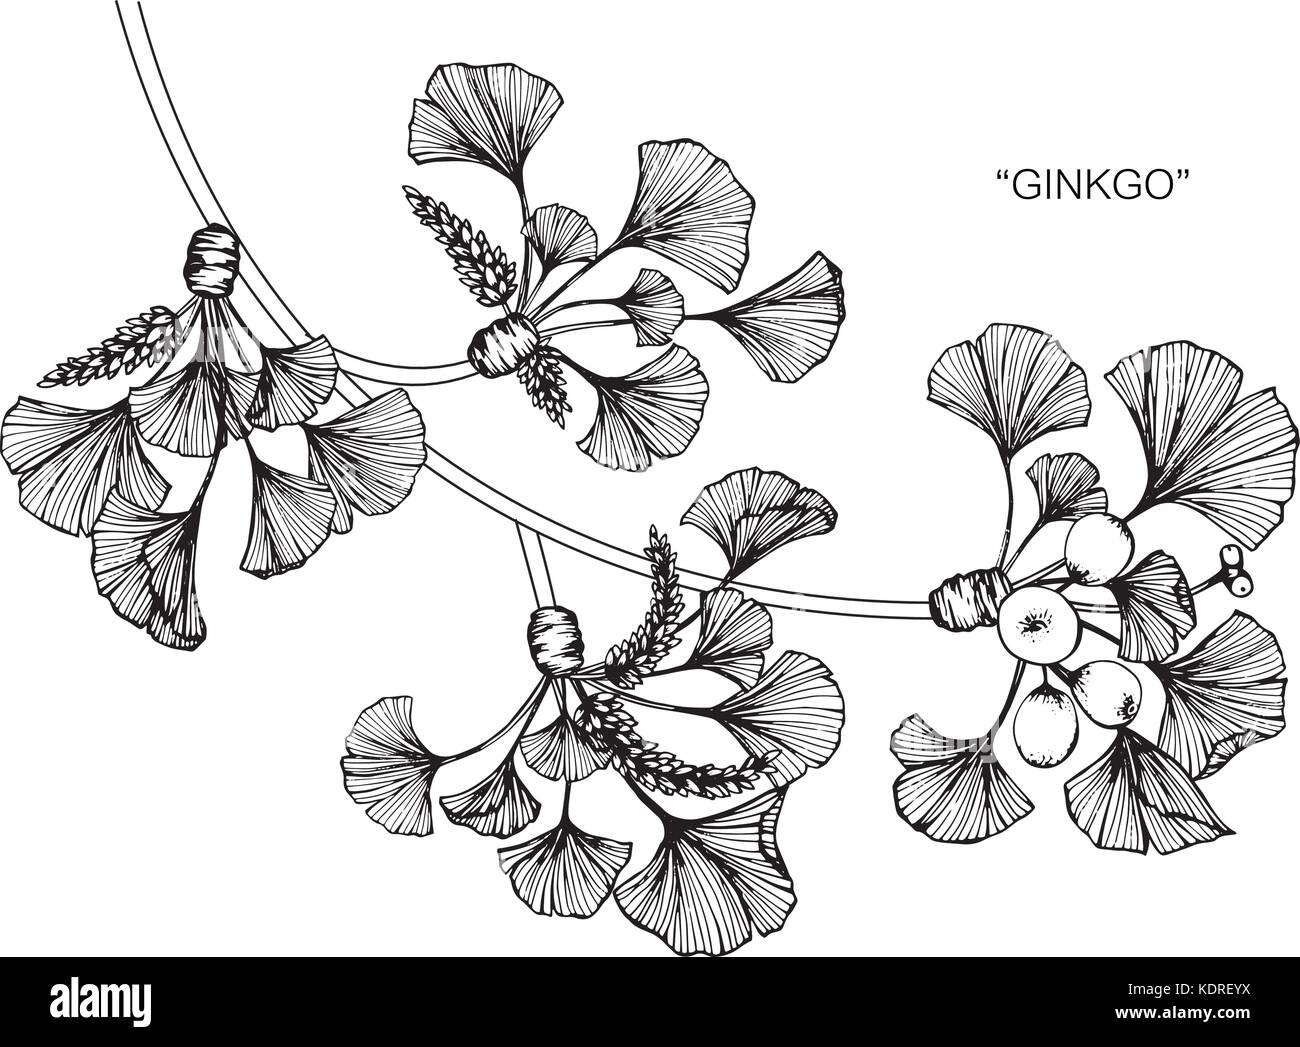 ginkgo blatt blume zeichnen abbildung schwarz und wei mit line art vektor abbildung bild. Black Bedroom Furniture Sets. Home Design Ideas